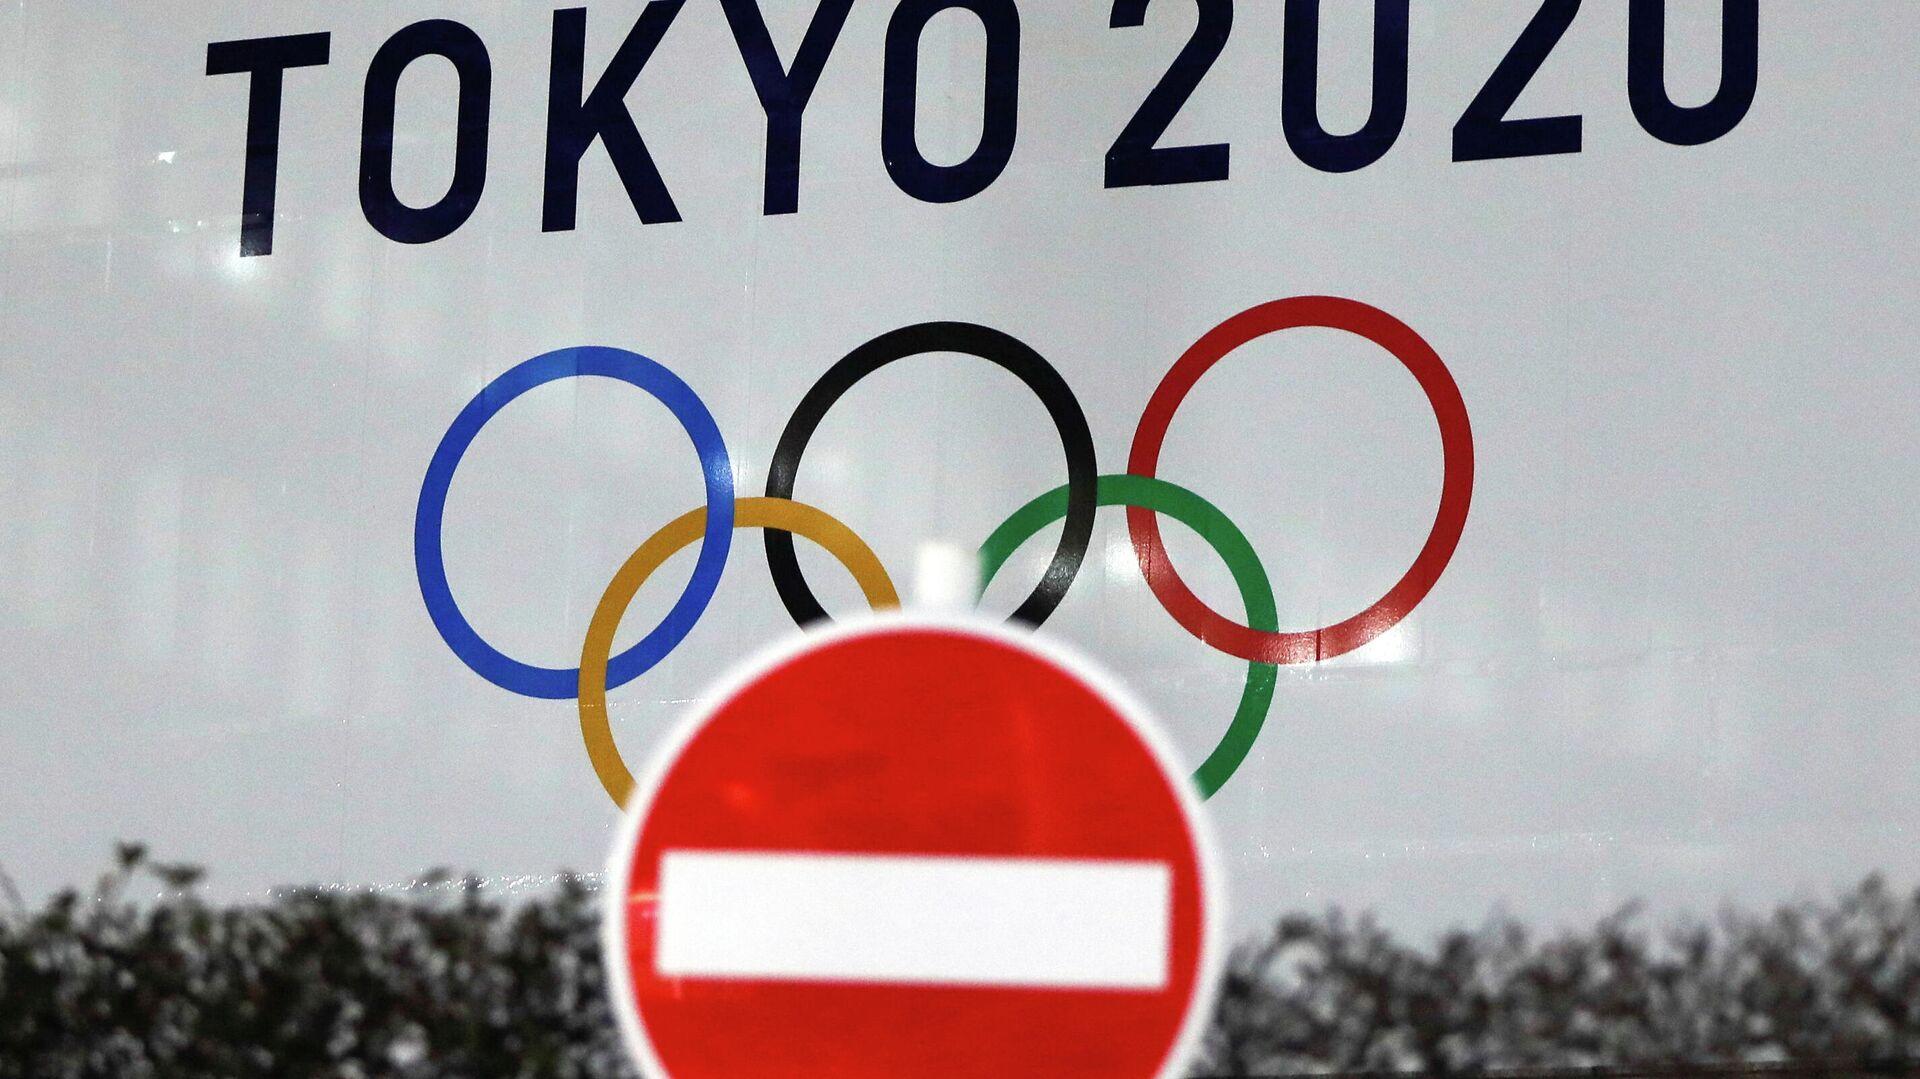 El logo de los JJOO en Tokio aplazados - Sputnik Mundo, 1920, 21.03.2021